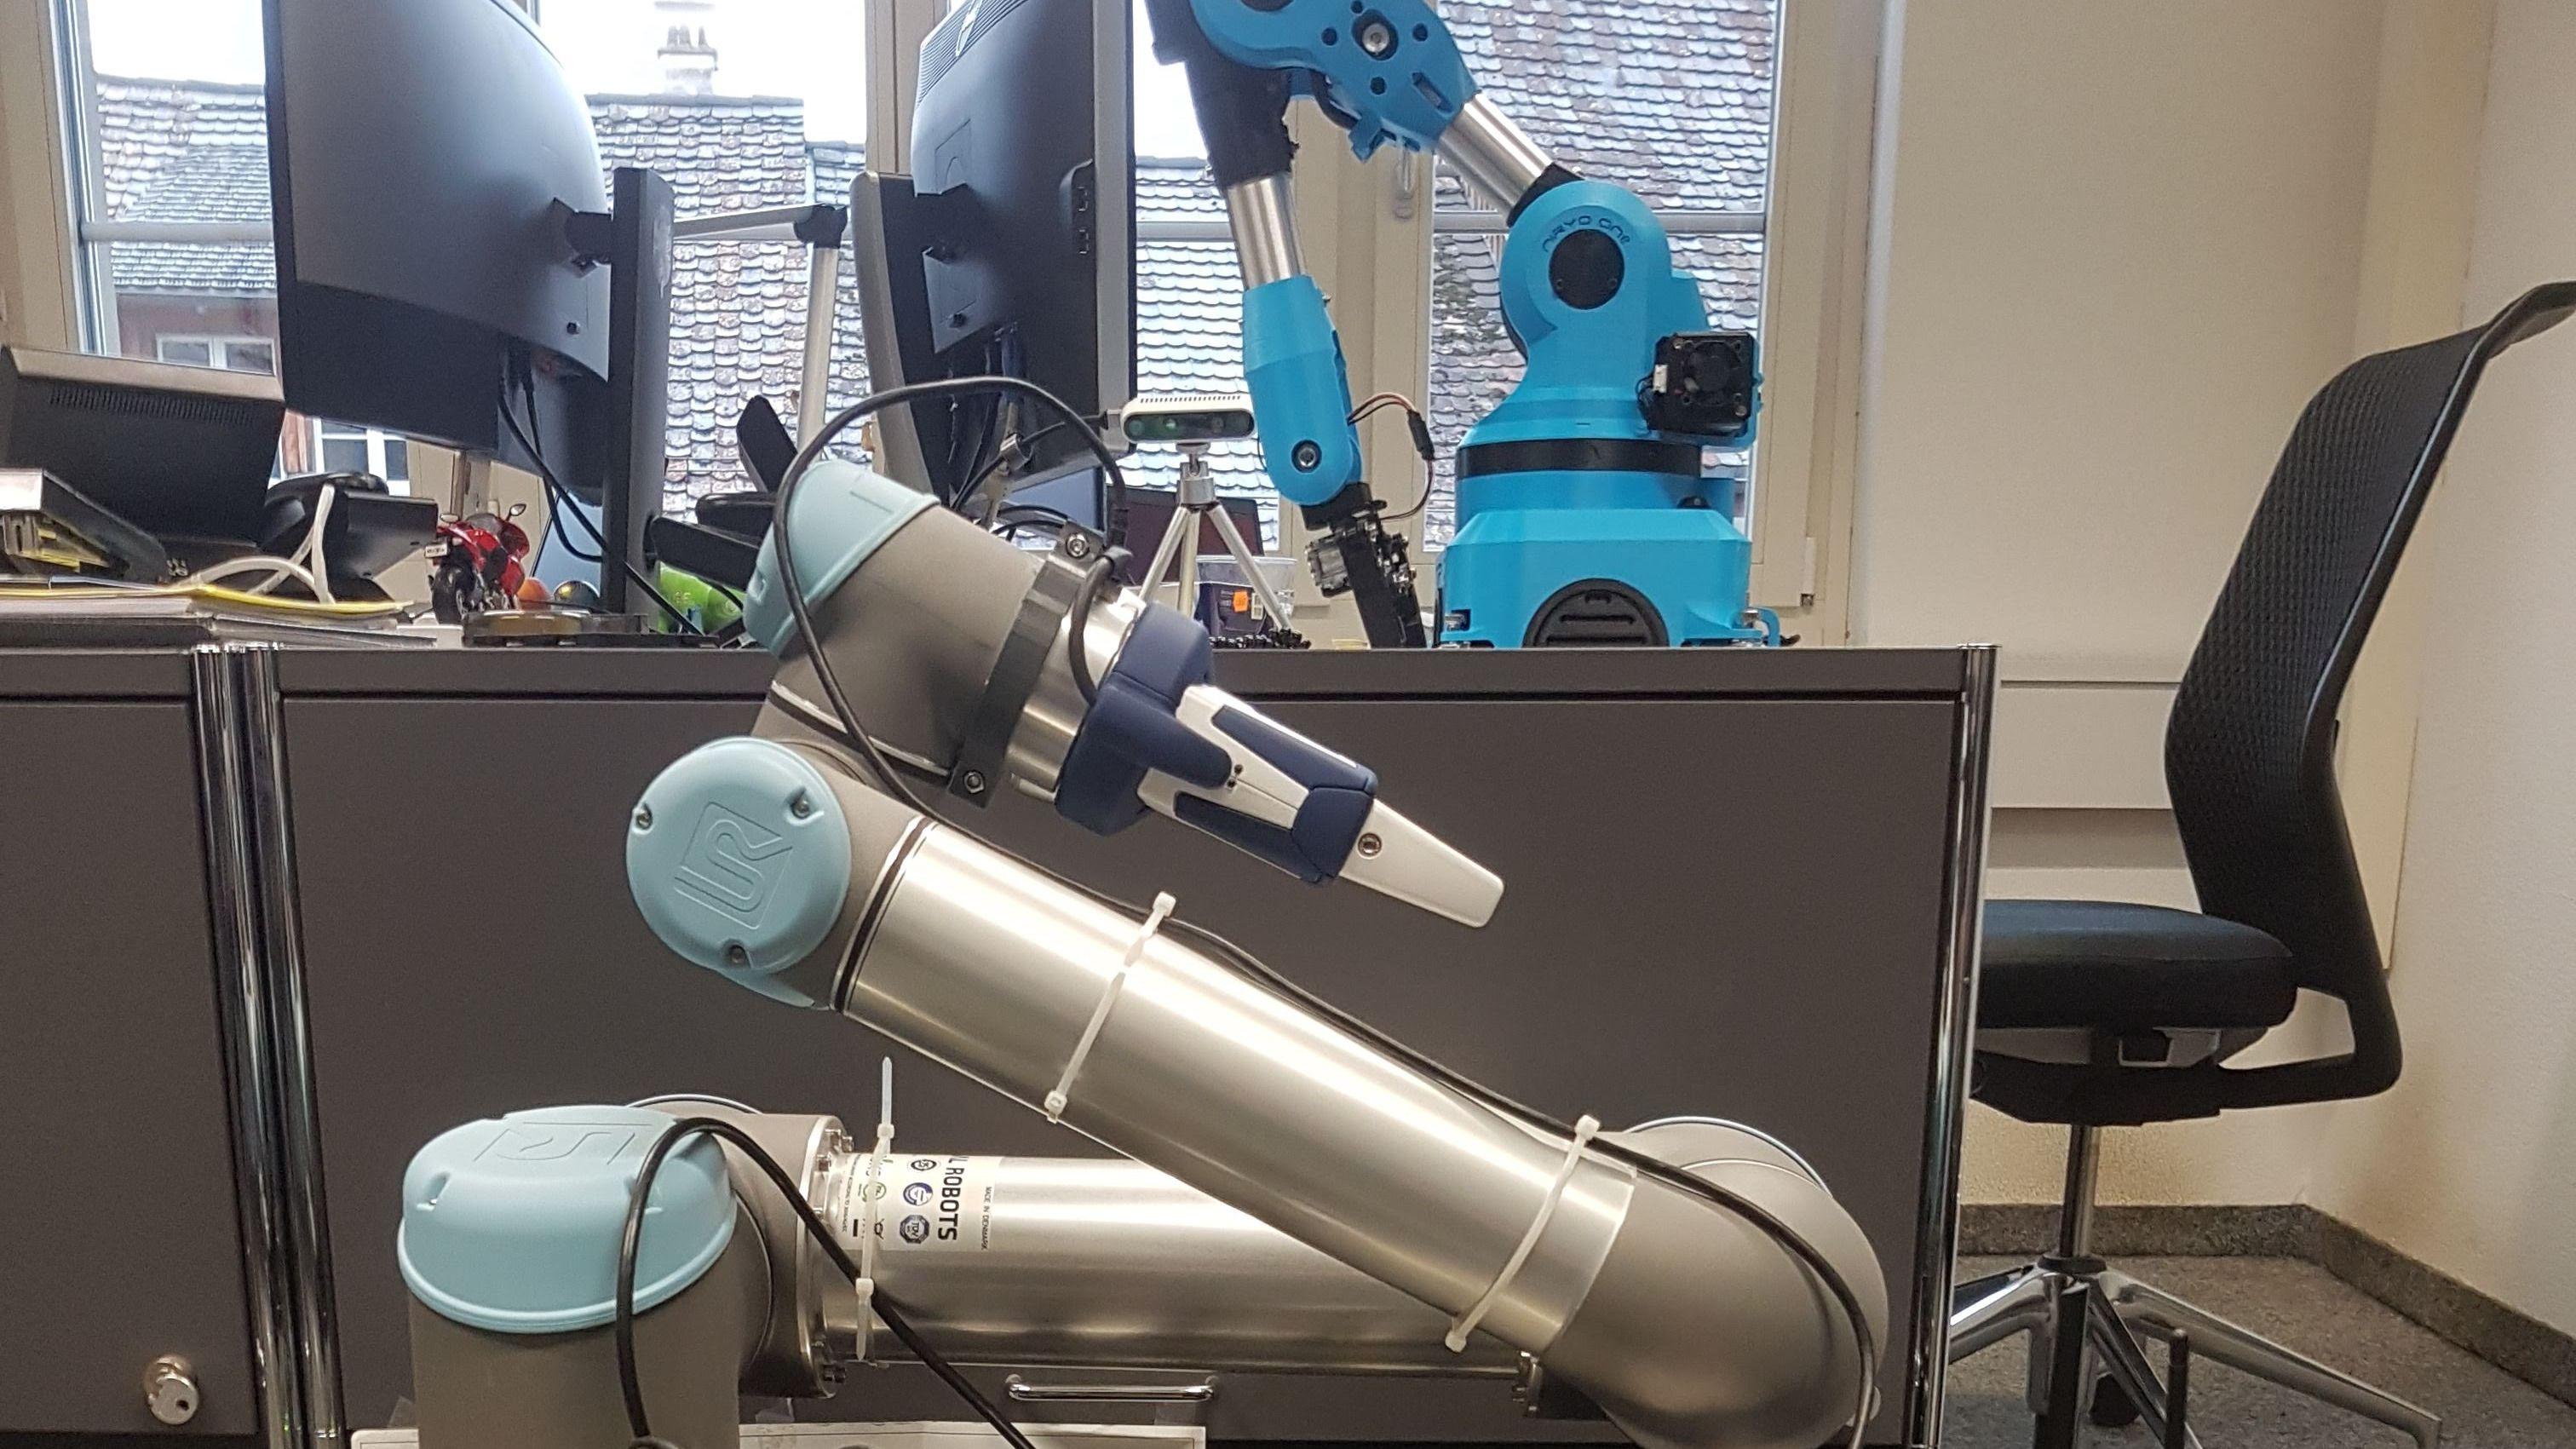 Robotics and ROS in Zurich